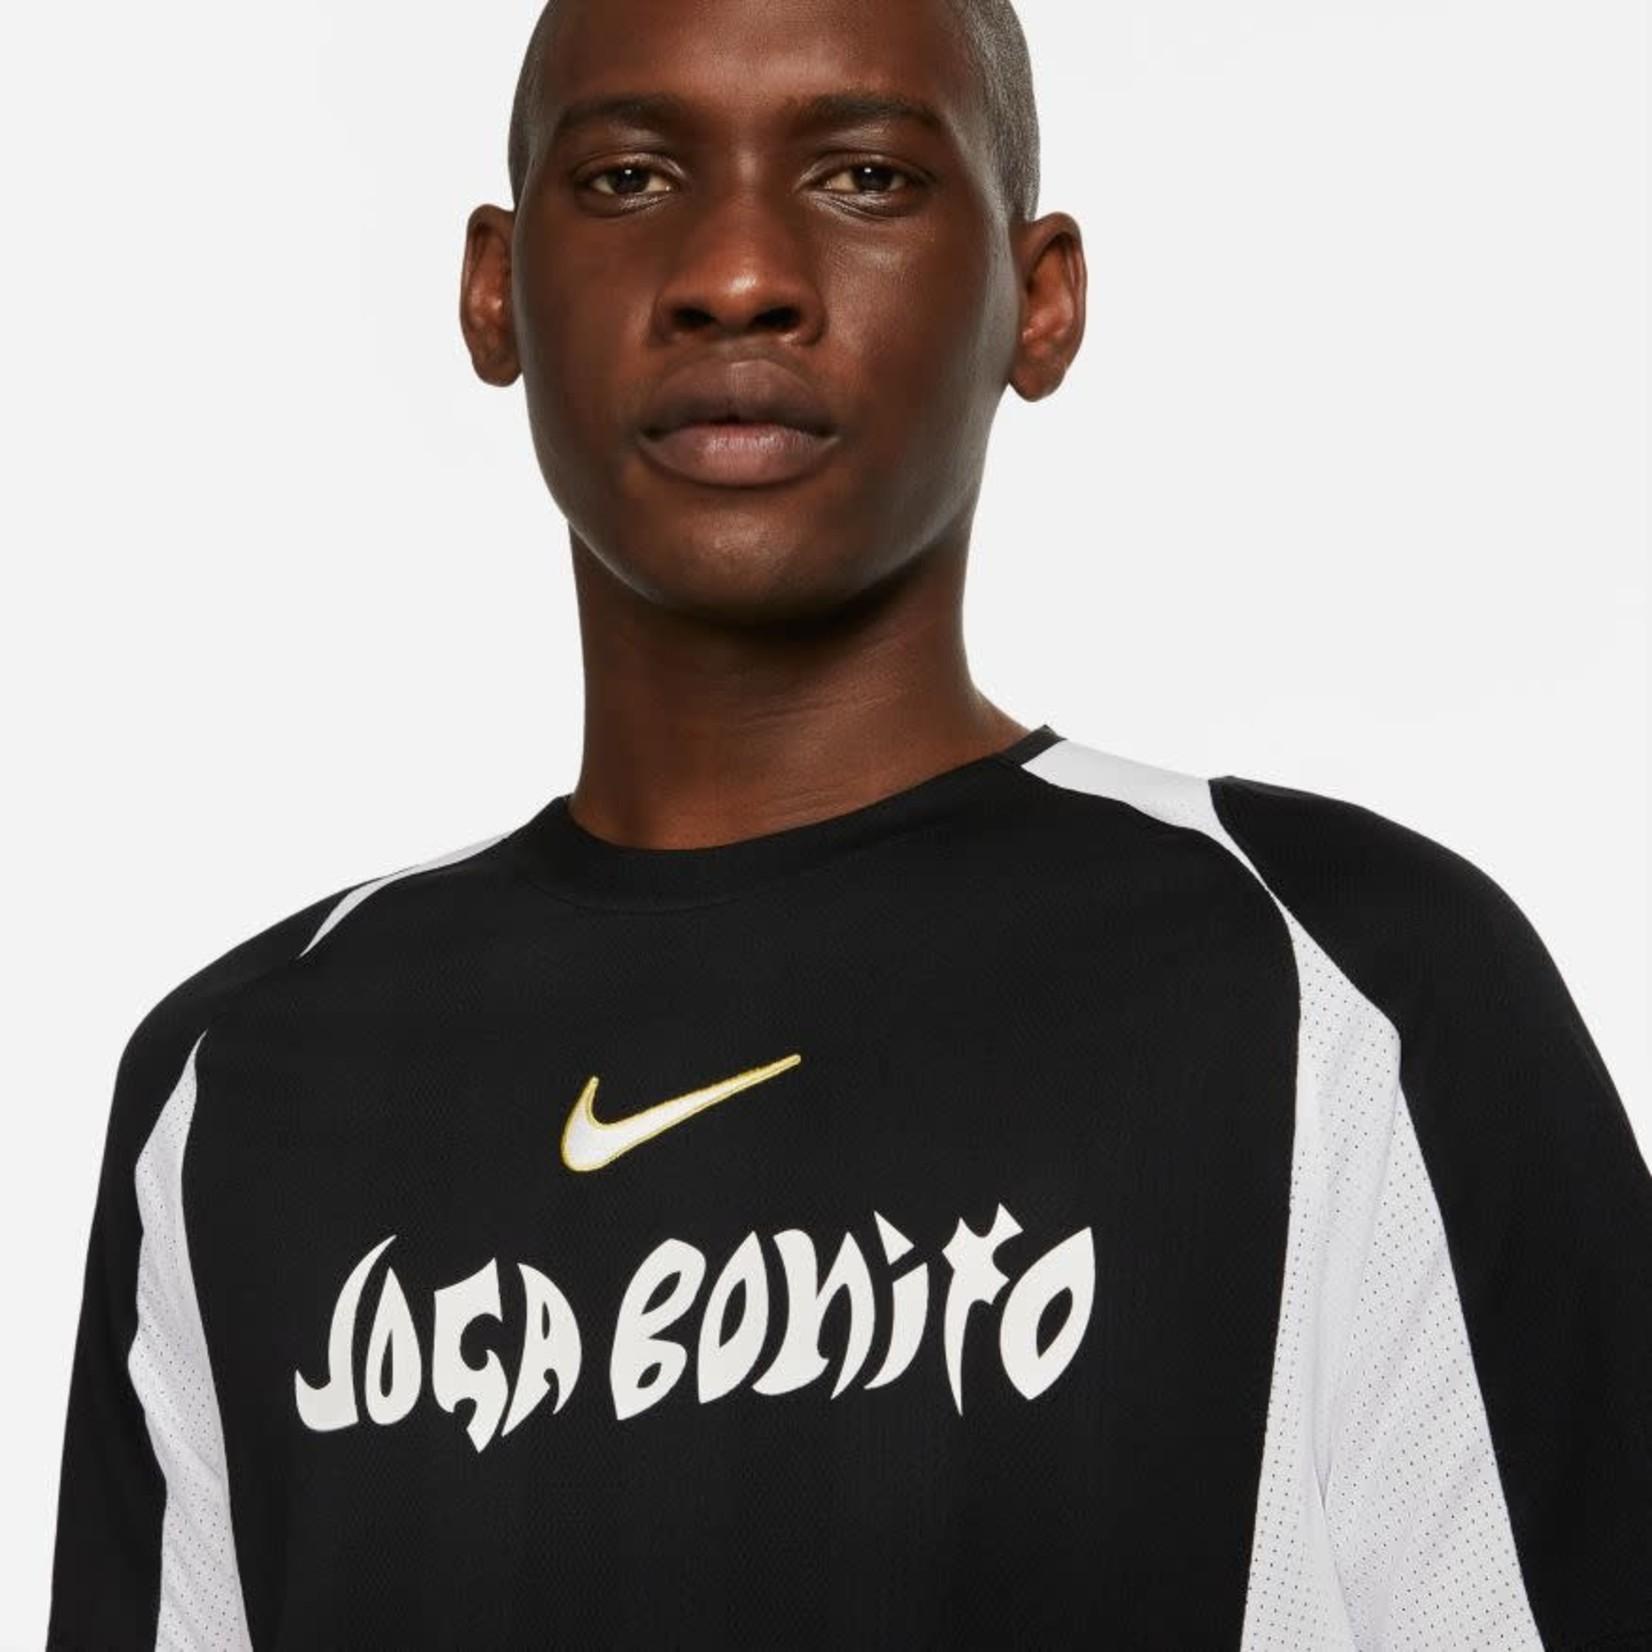 """NIKE """"NIKE FC"""" JOGA BONITO HOME JERSEY (BLACK)"""